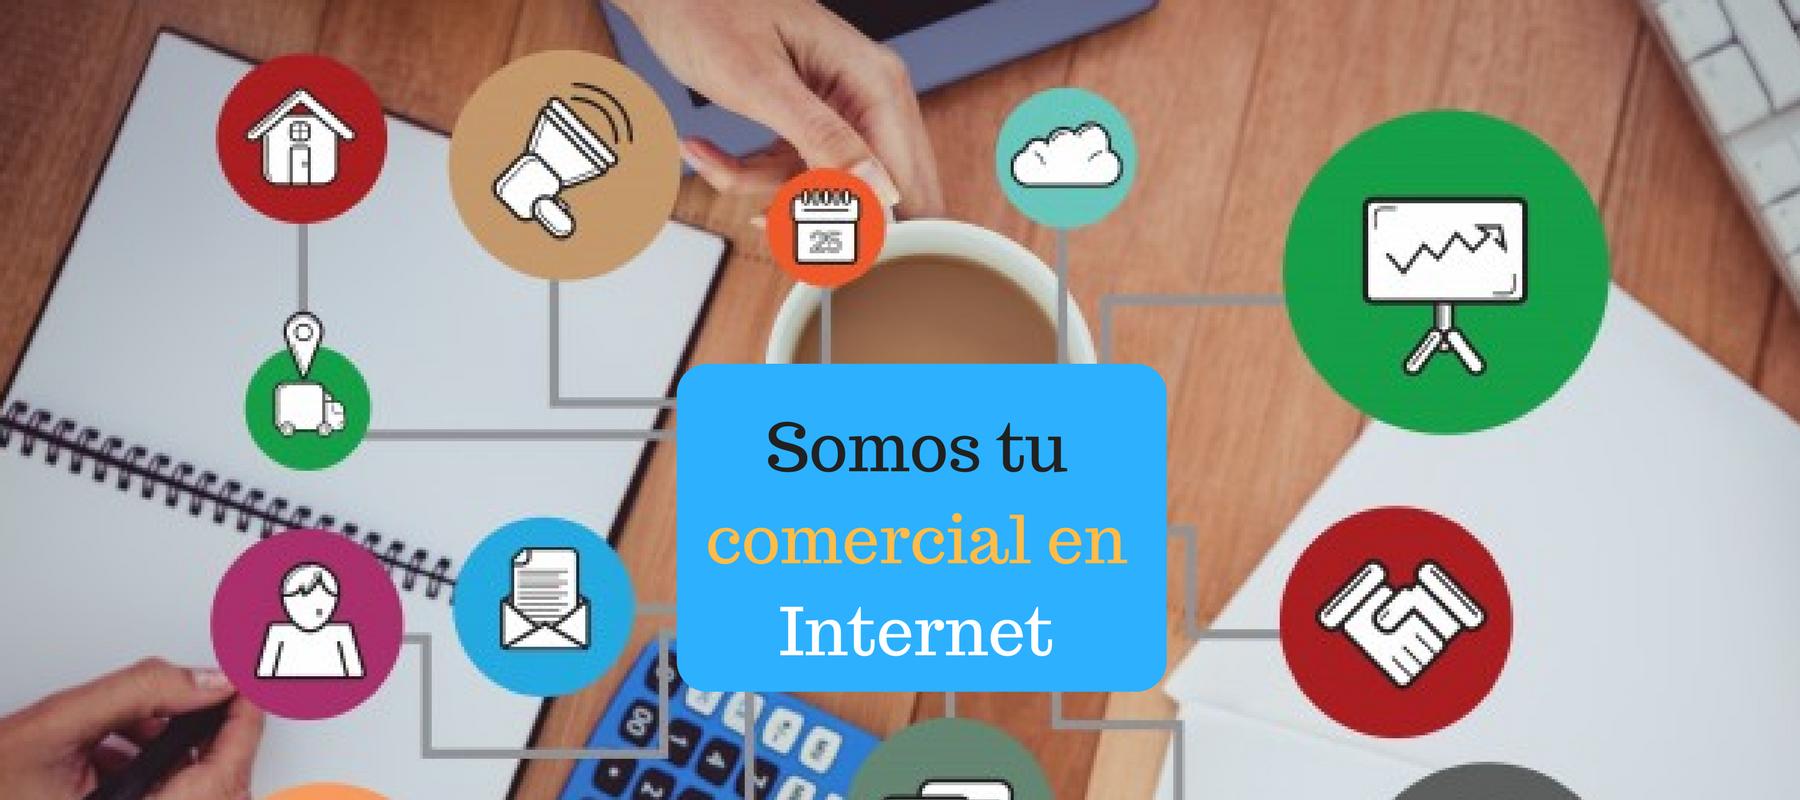 Somos tu comercial en Internet(1)